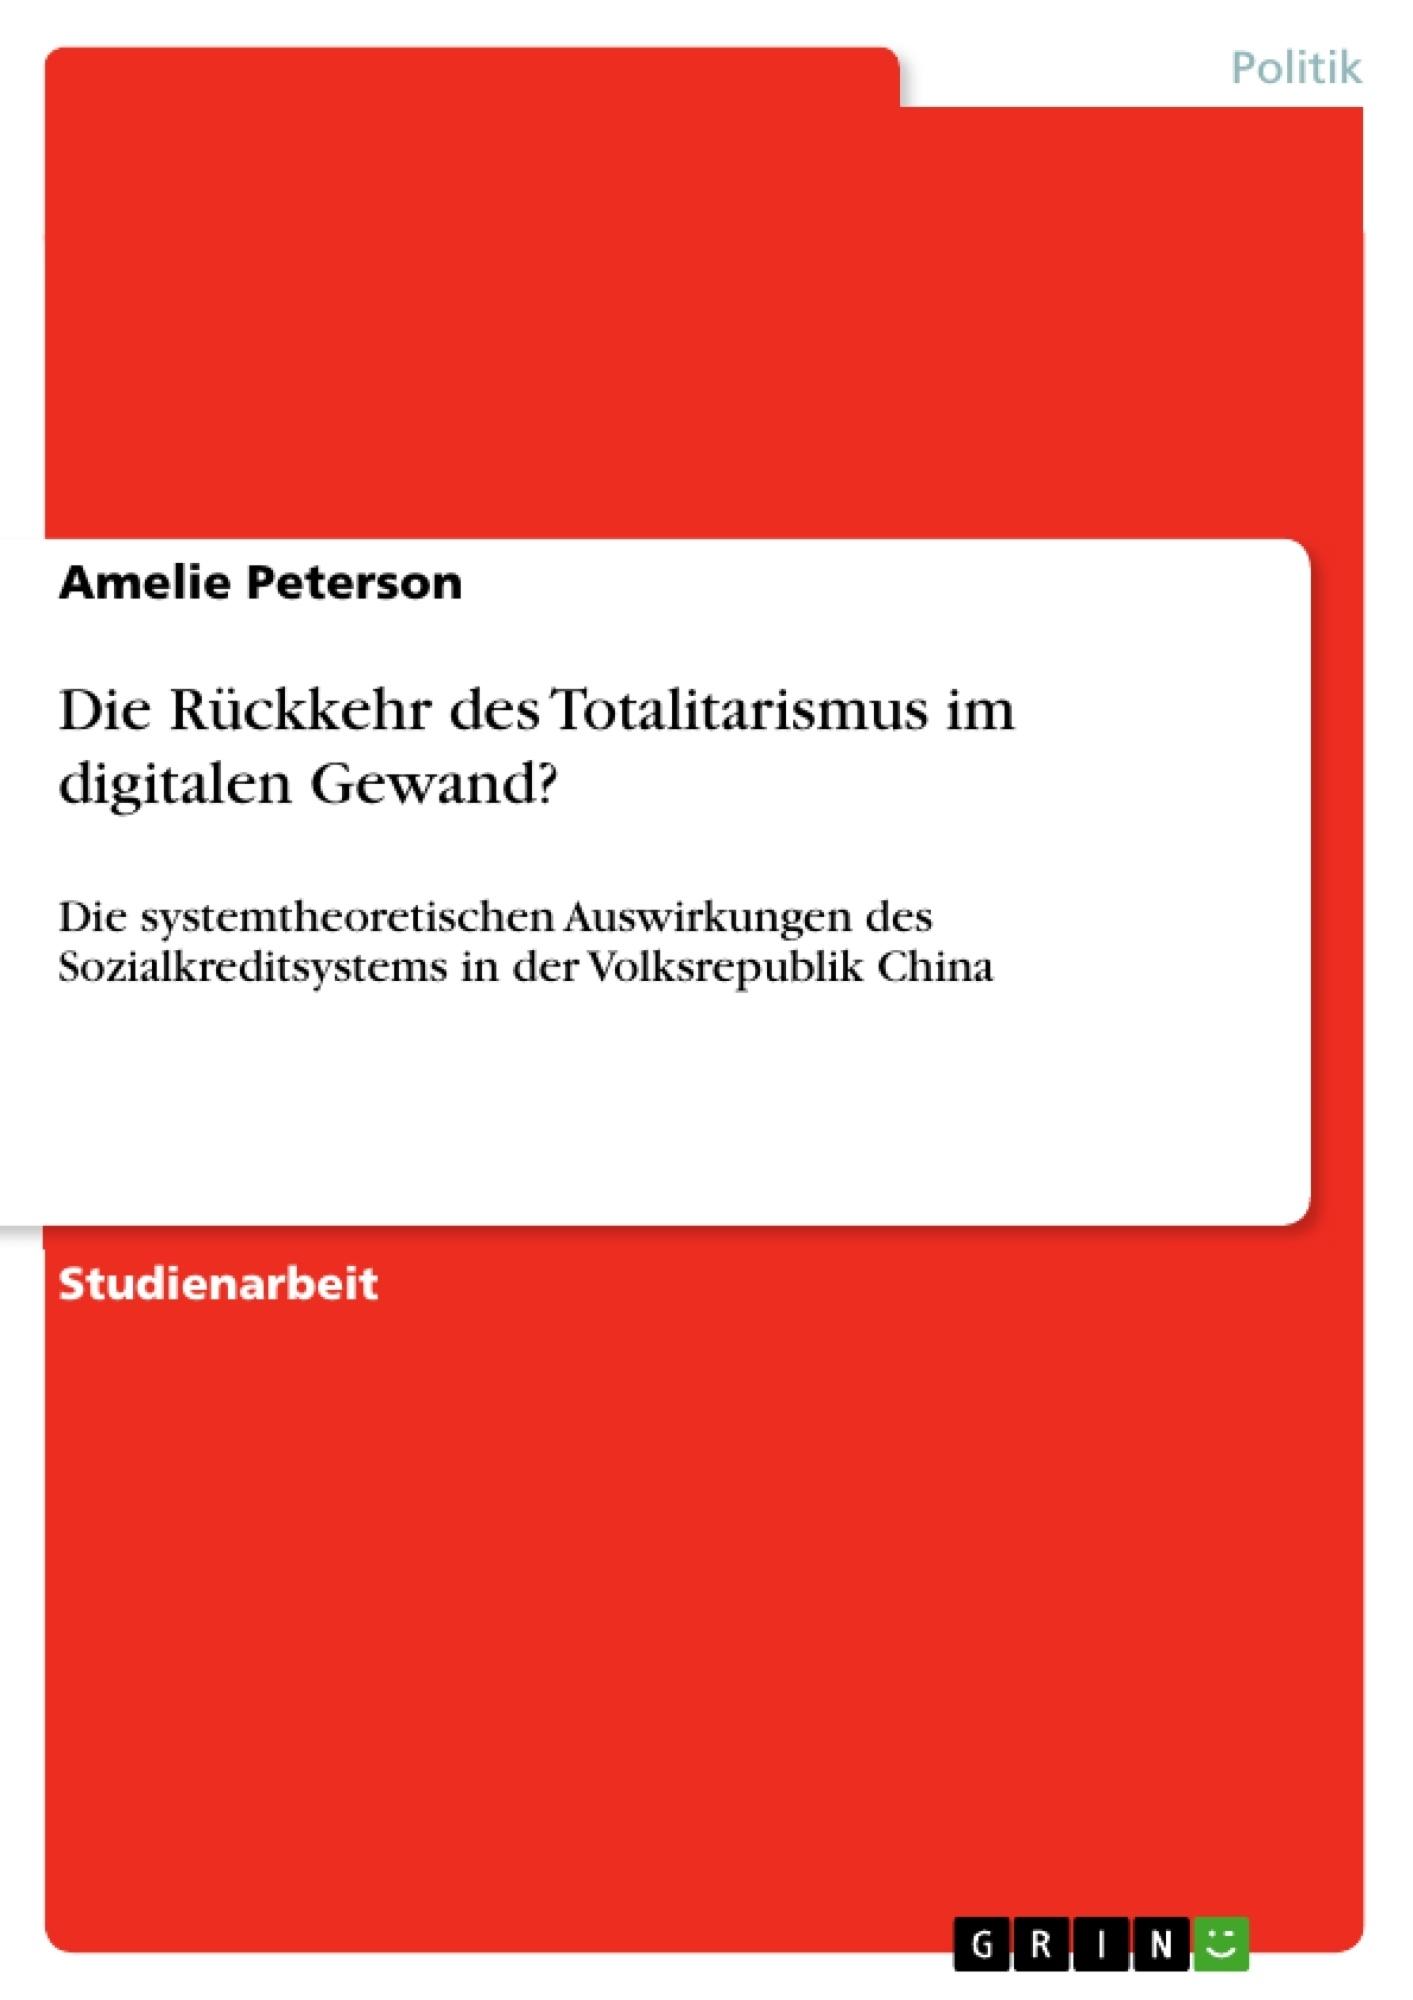 Titel: Die Rückkehr des Totalitarismus im digitalen Gewand?